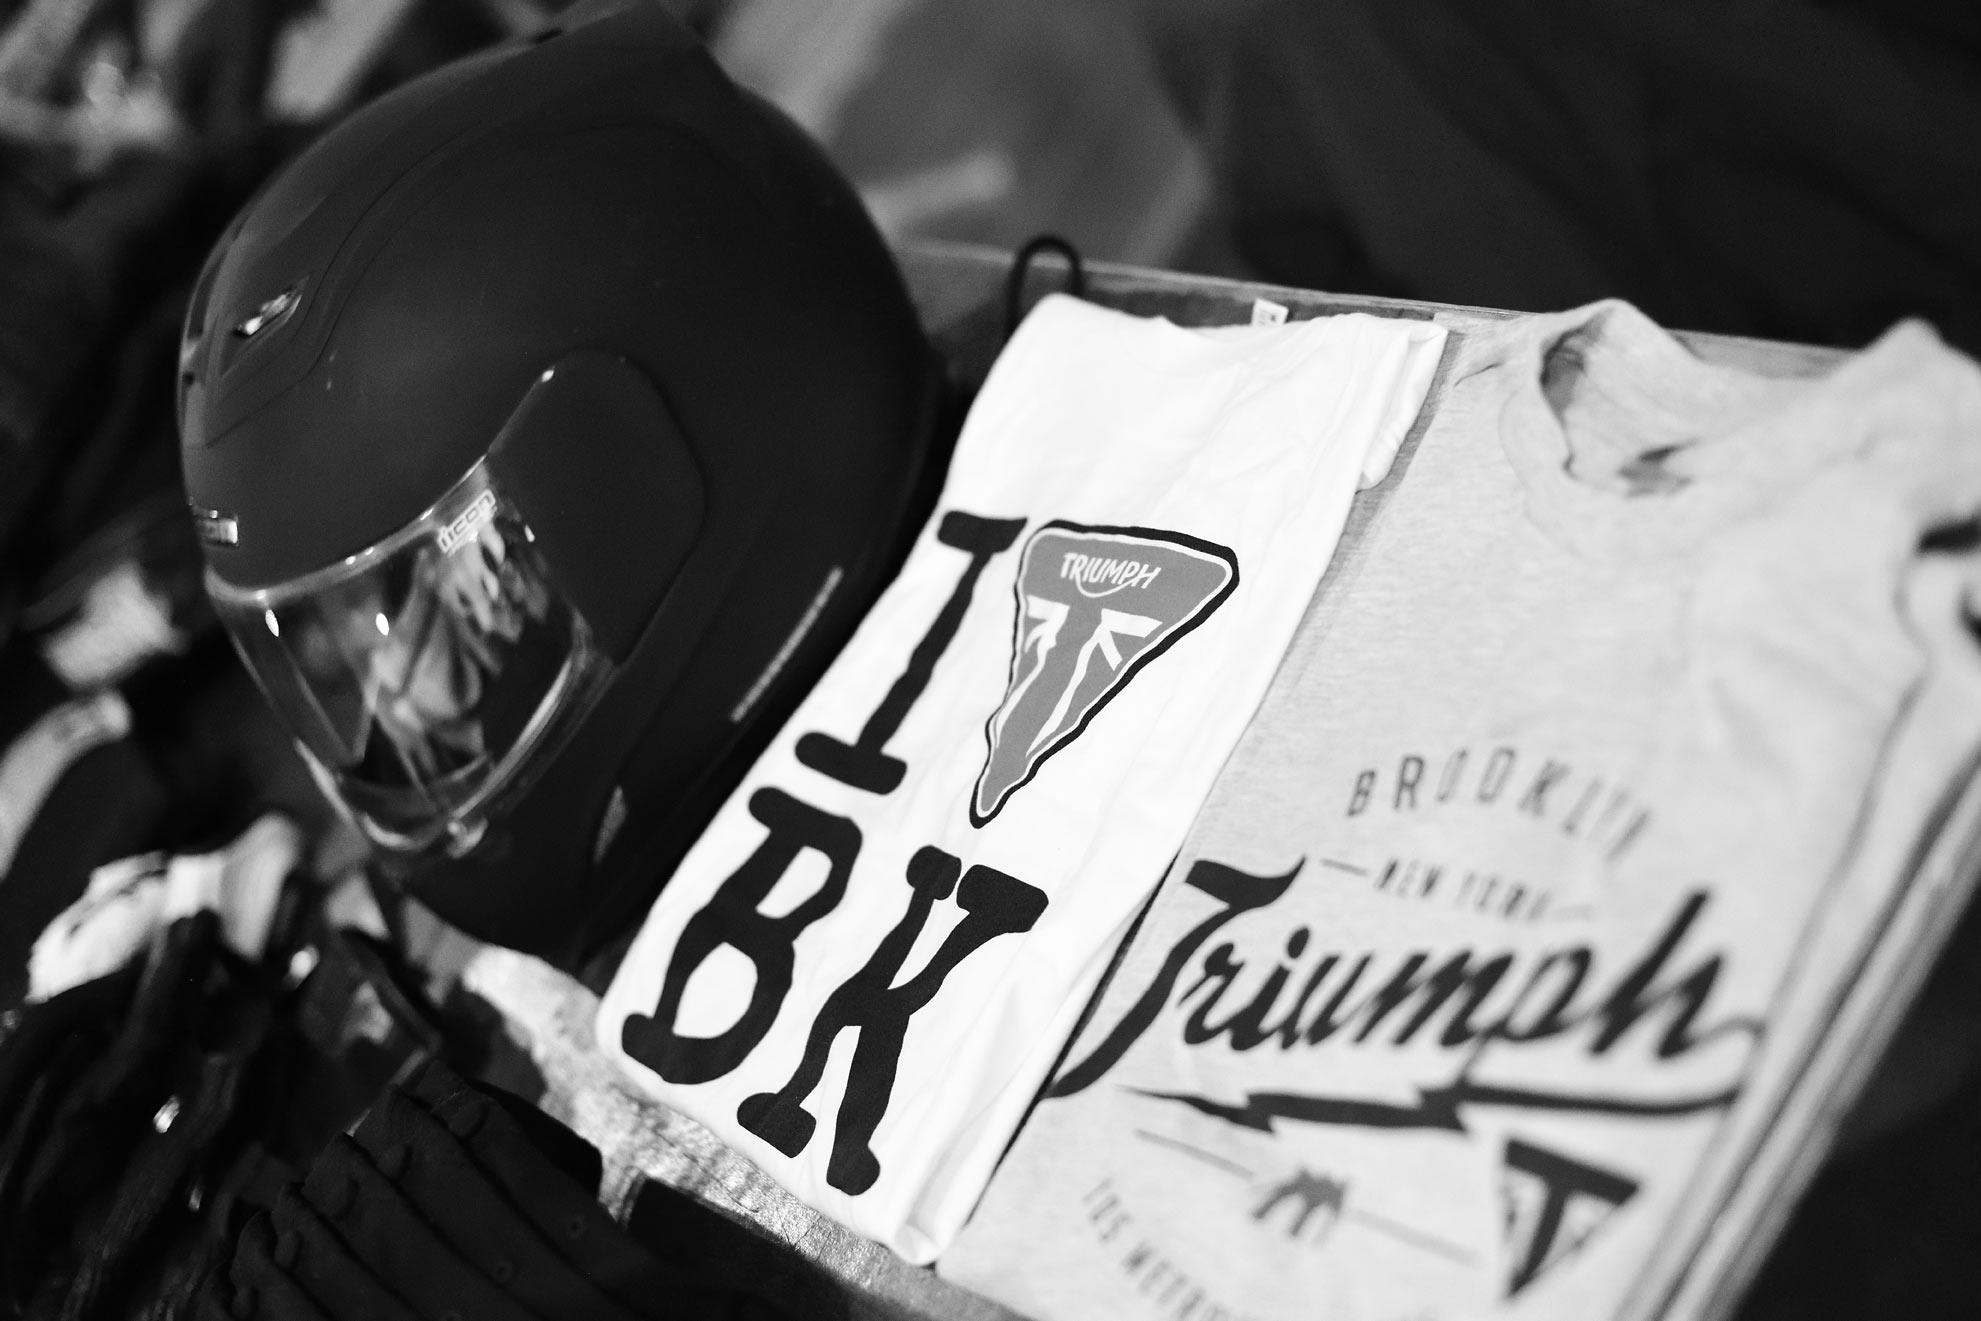 motomarket_026.jpg